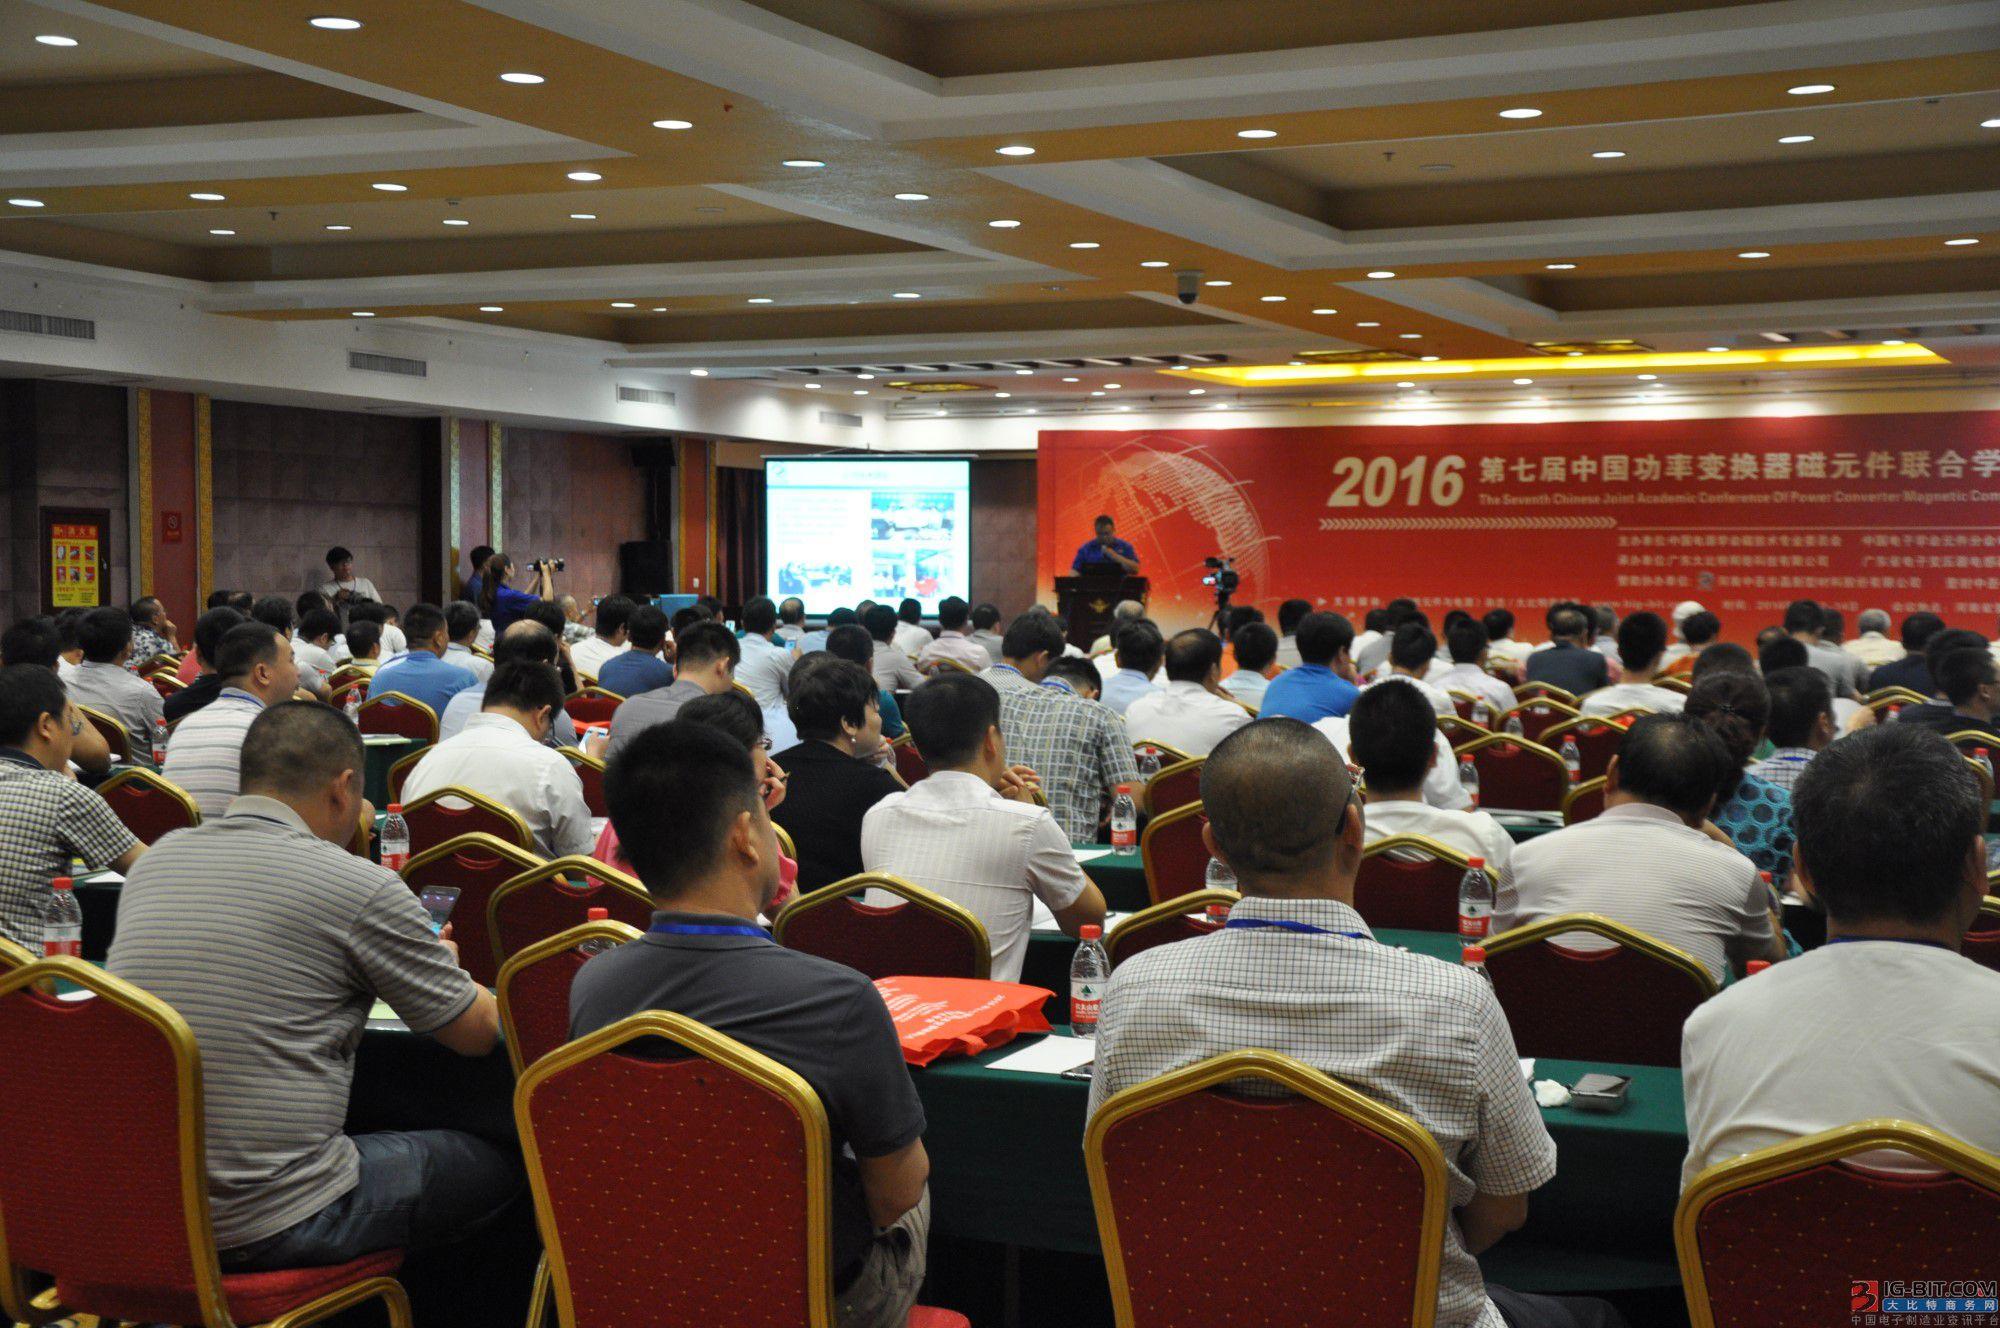 第七届功率变换器学术年会在豫举办 学术、企业界跨界交流